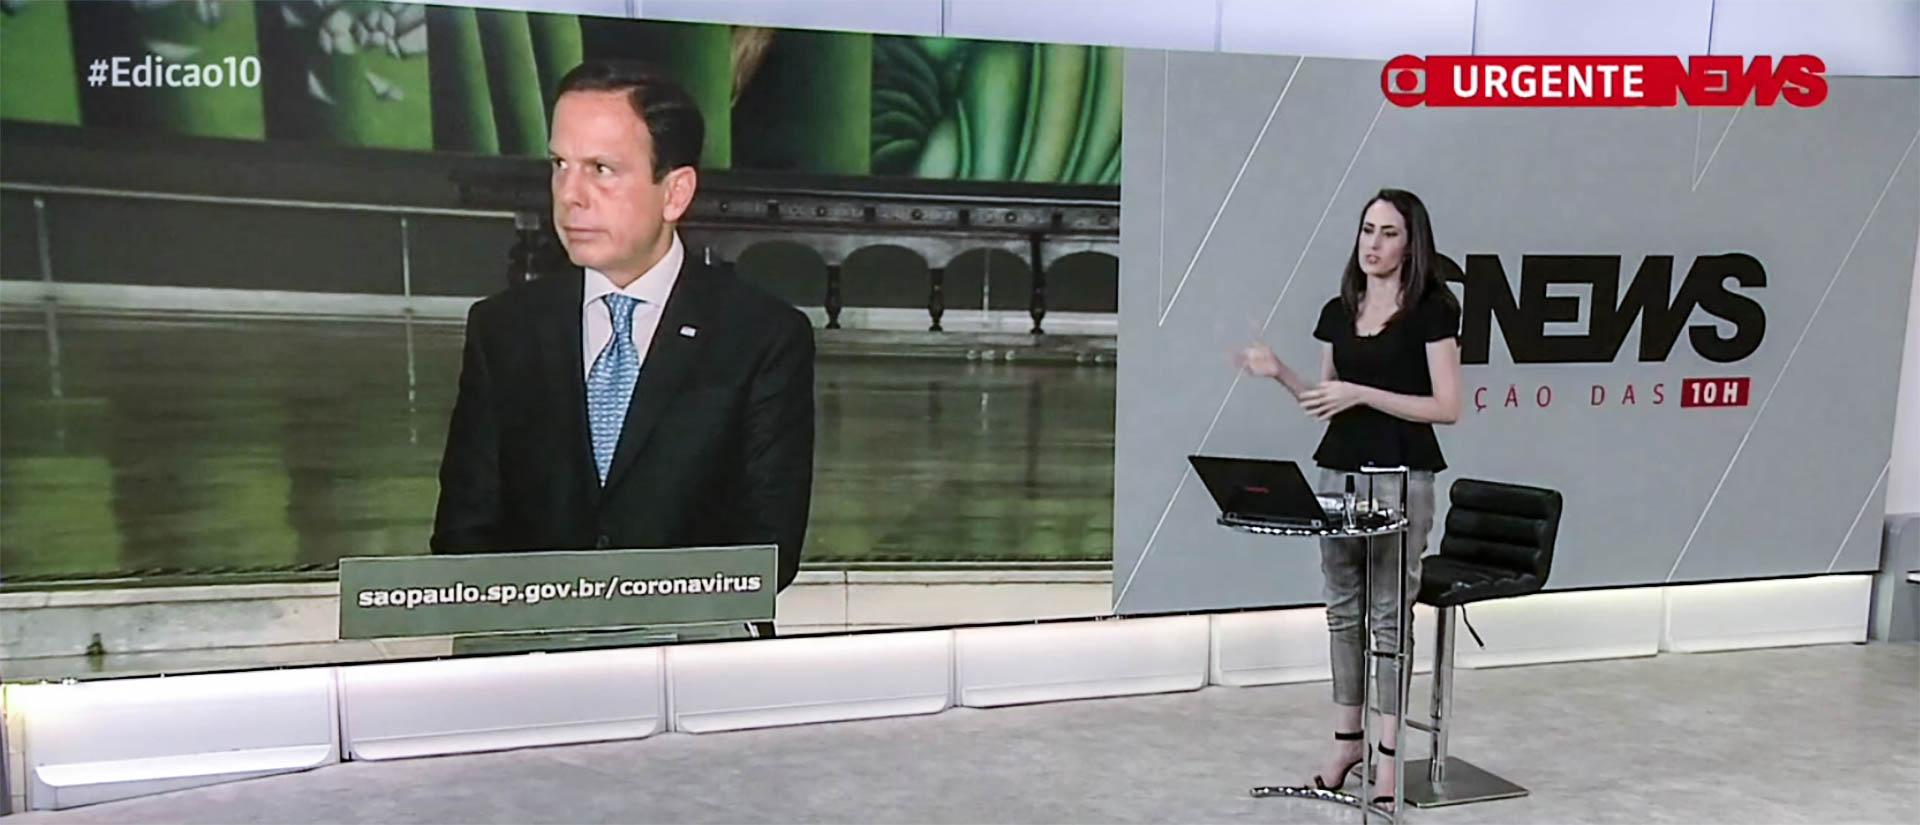 GloboNews - RJ